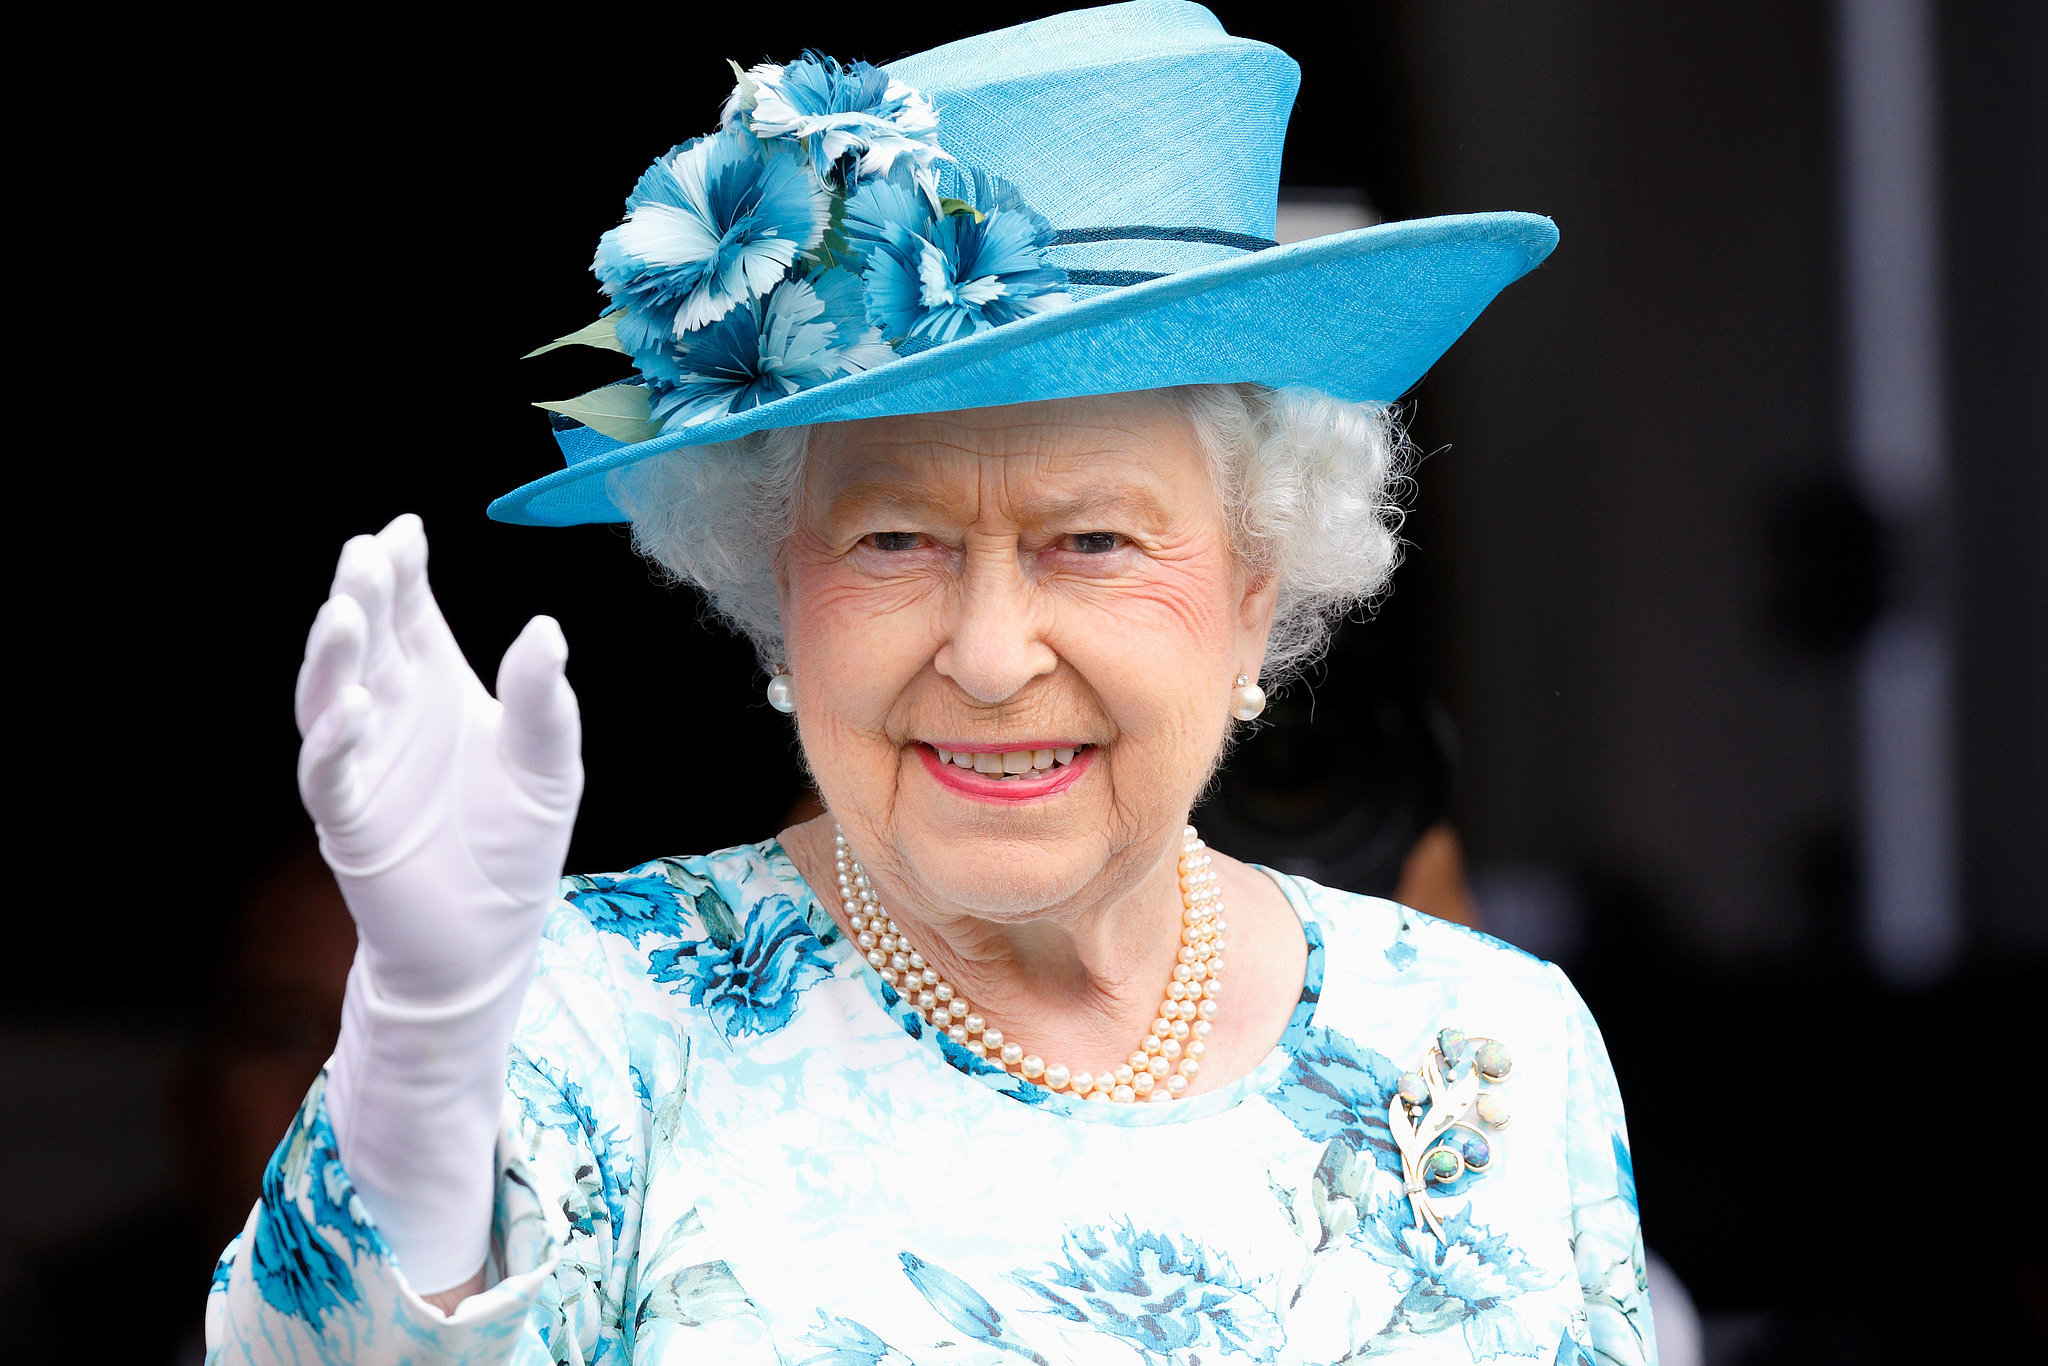 Not Queen Latifah